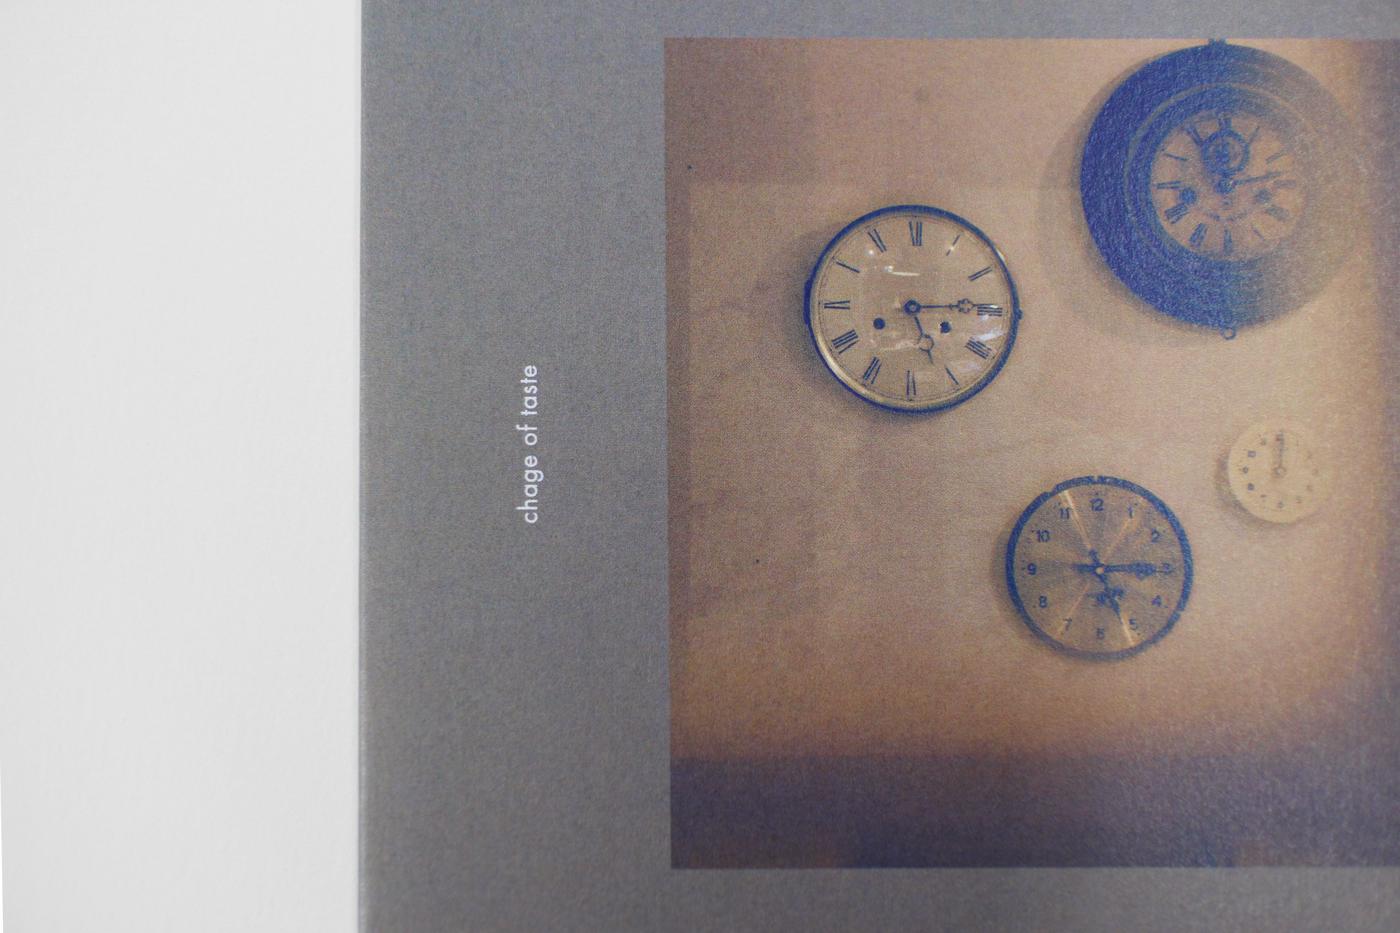 coin_book_03